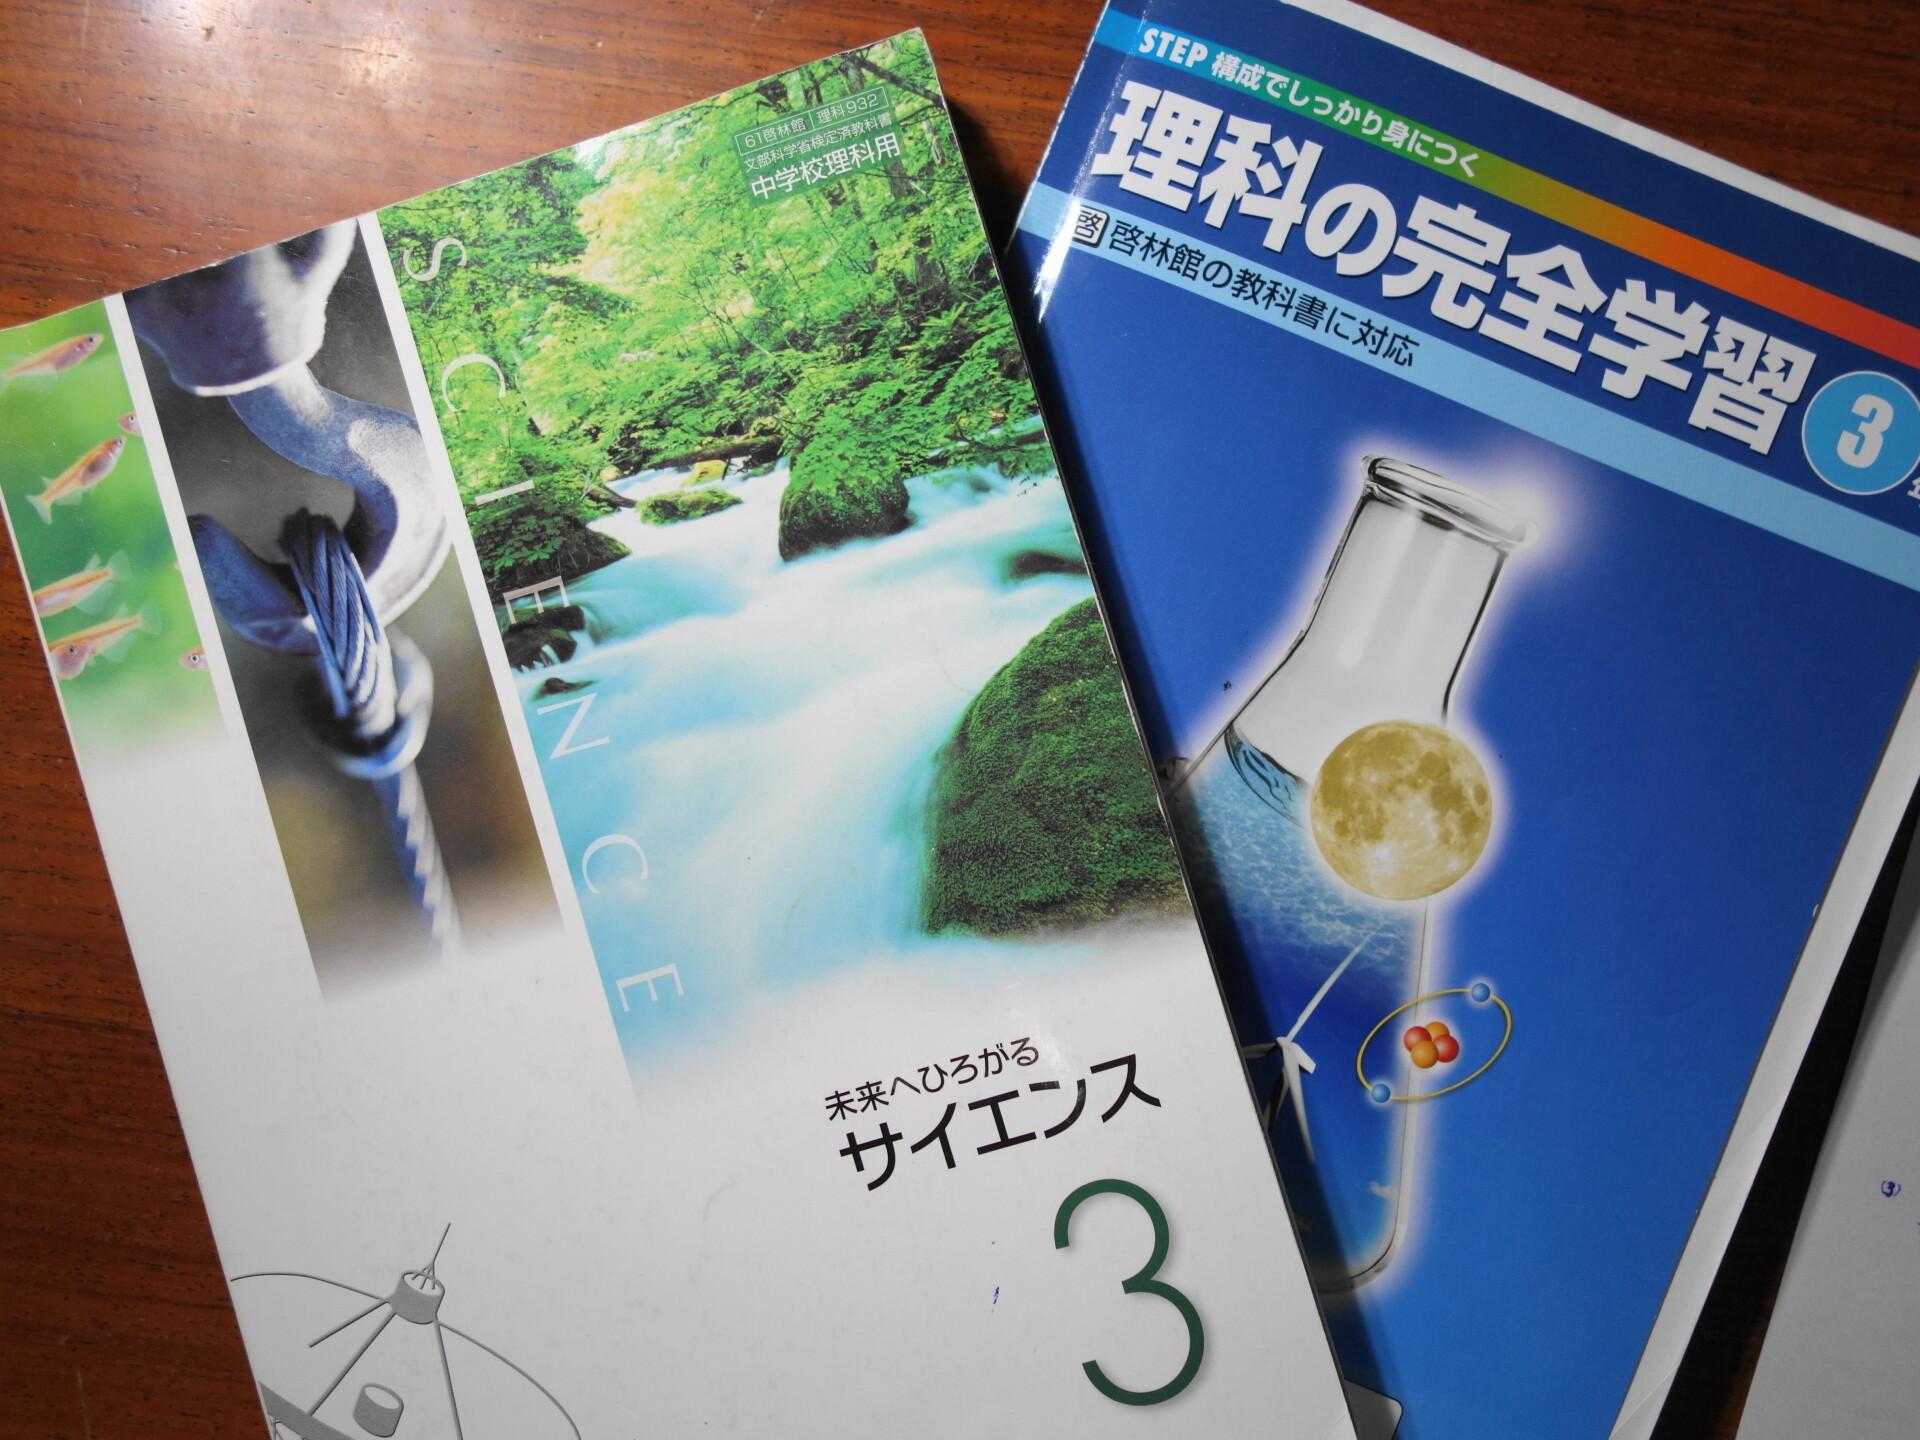 中学理科のワークと教科書